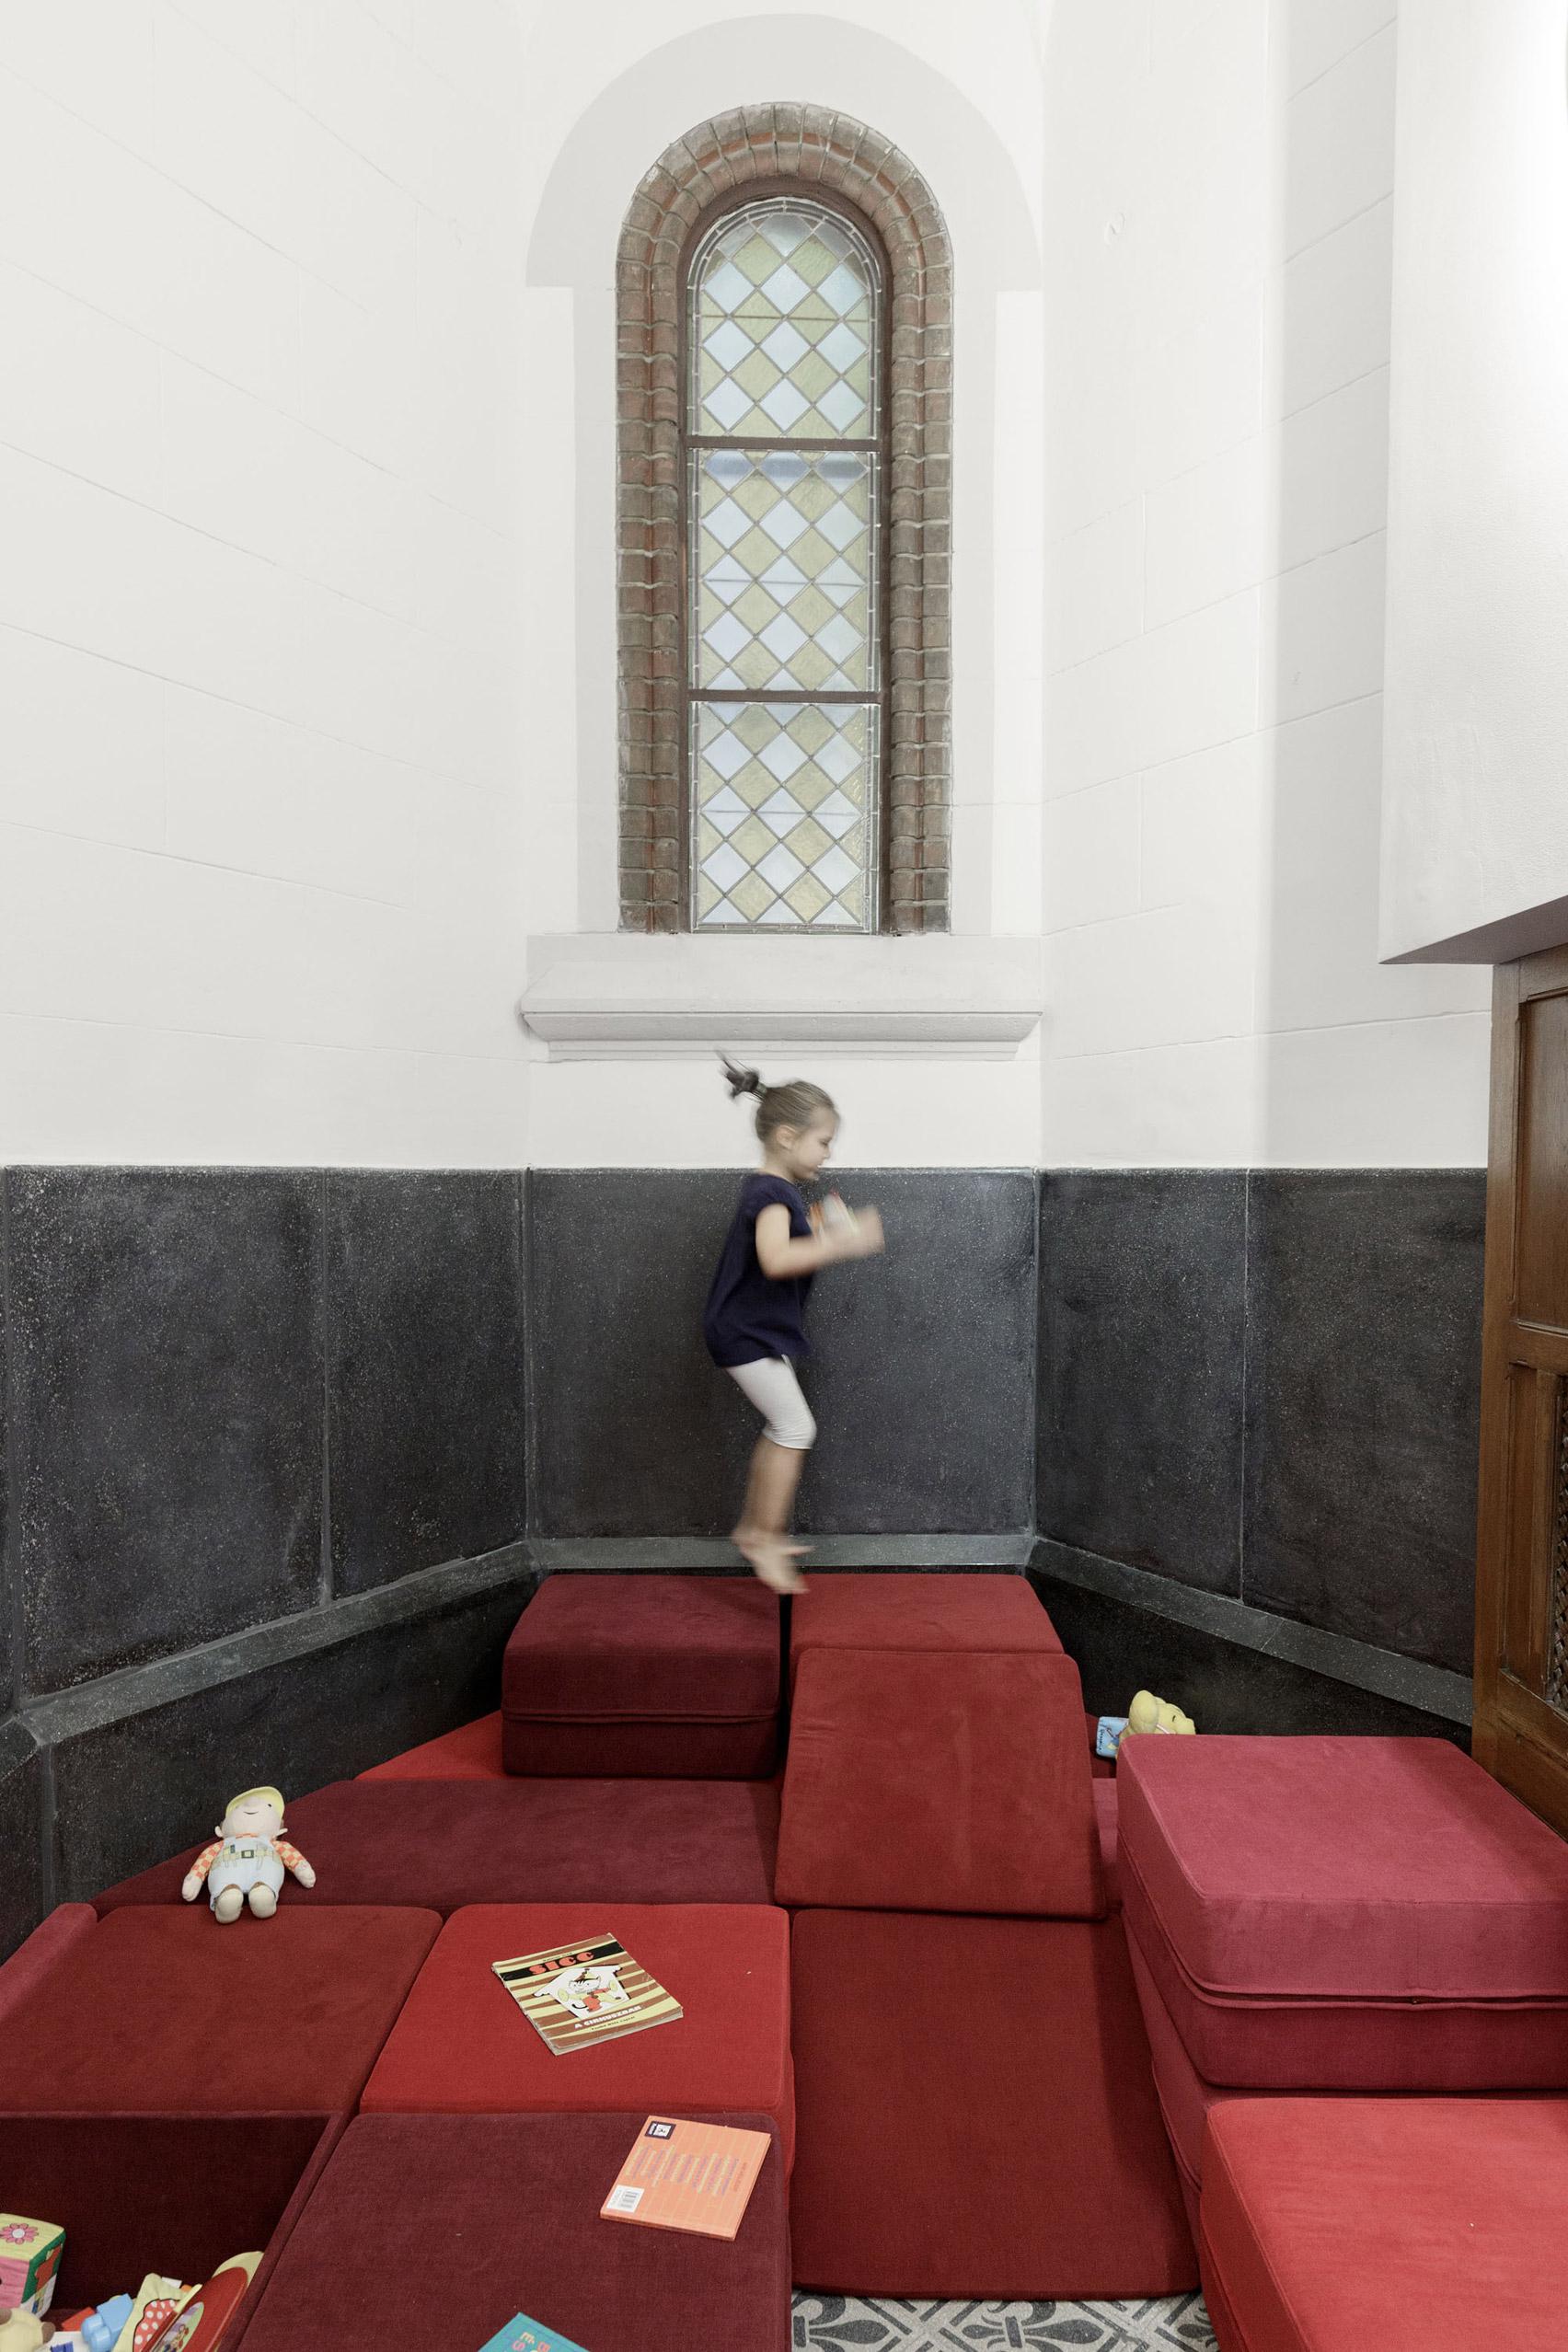 pokój zabaw w kościele